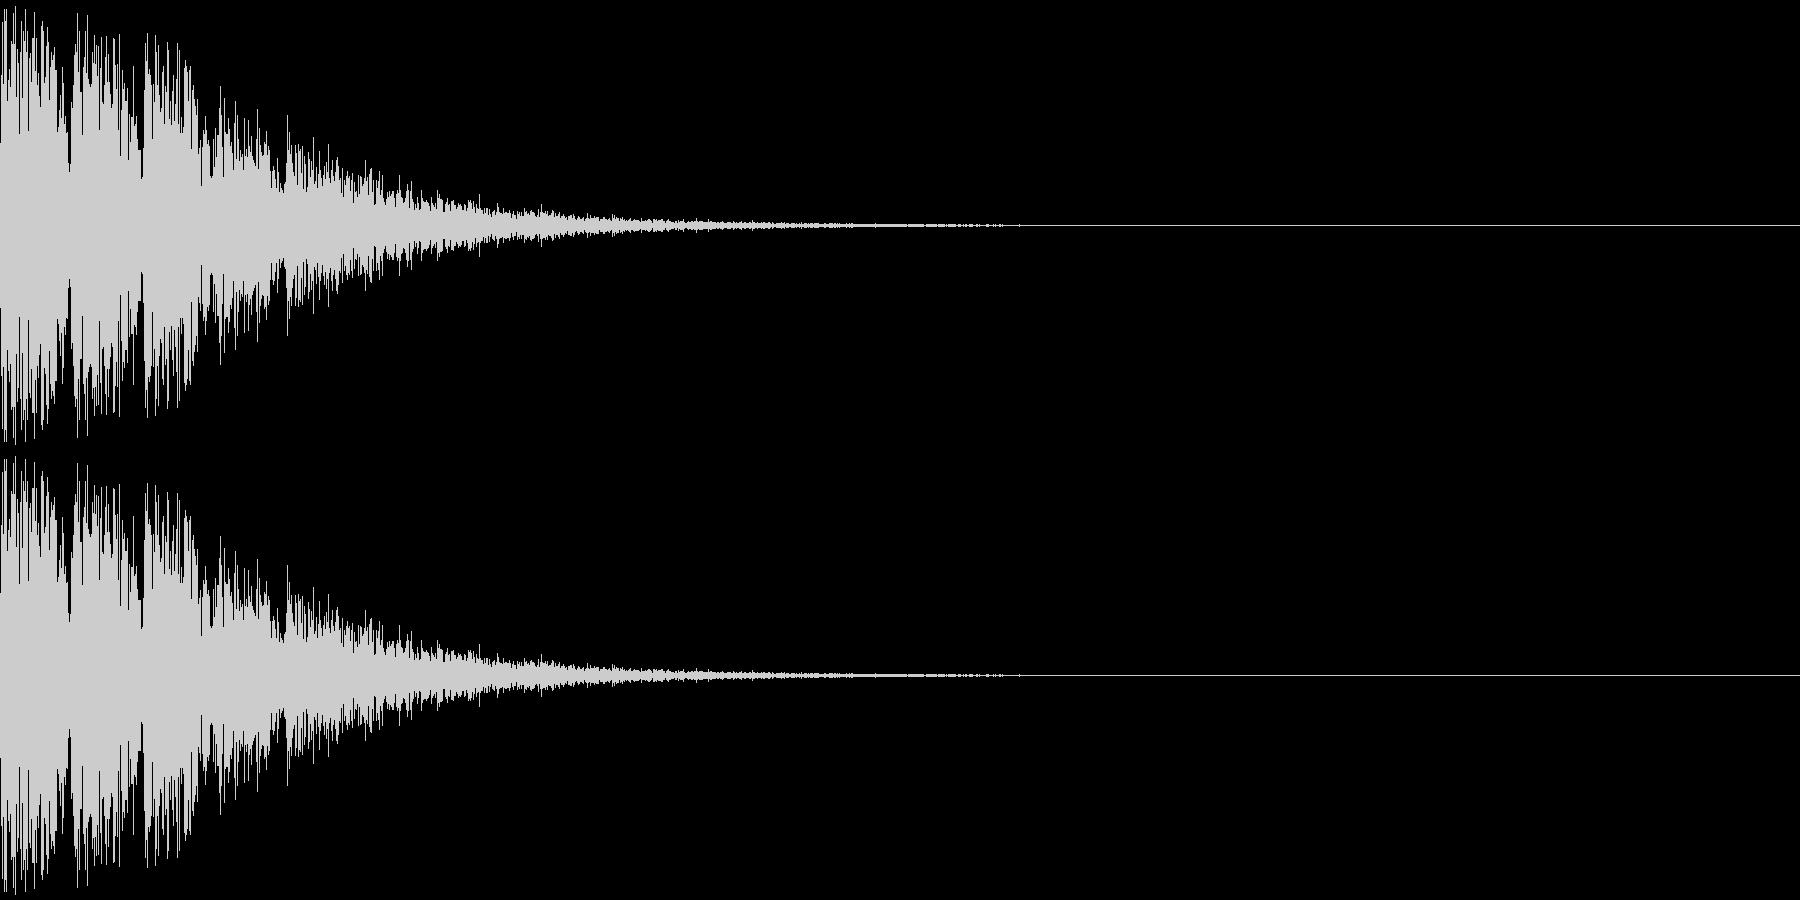 トゥントゥントゥン・・・(上がり系)の未再生の波形